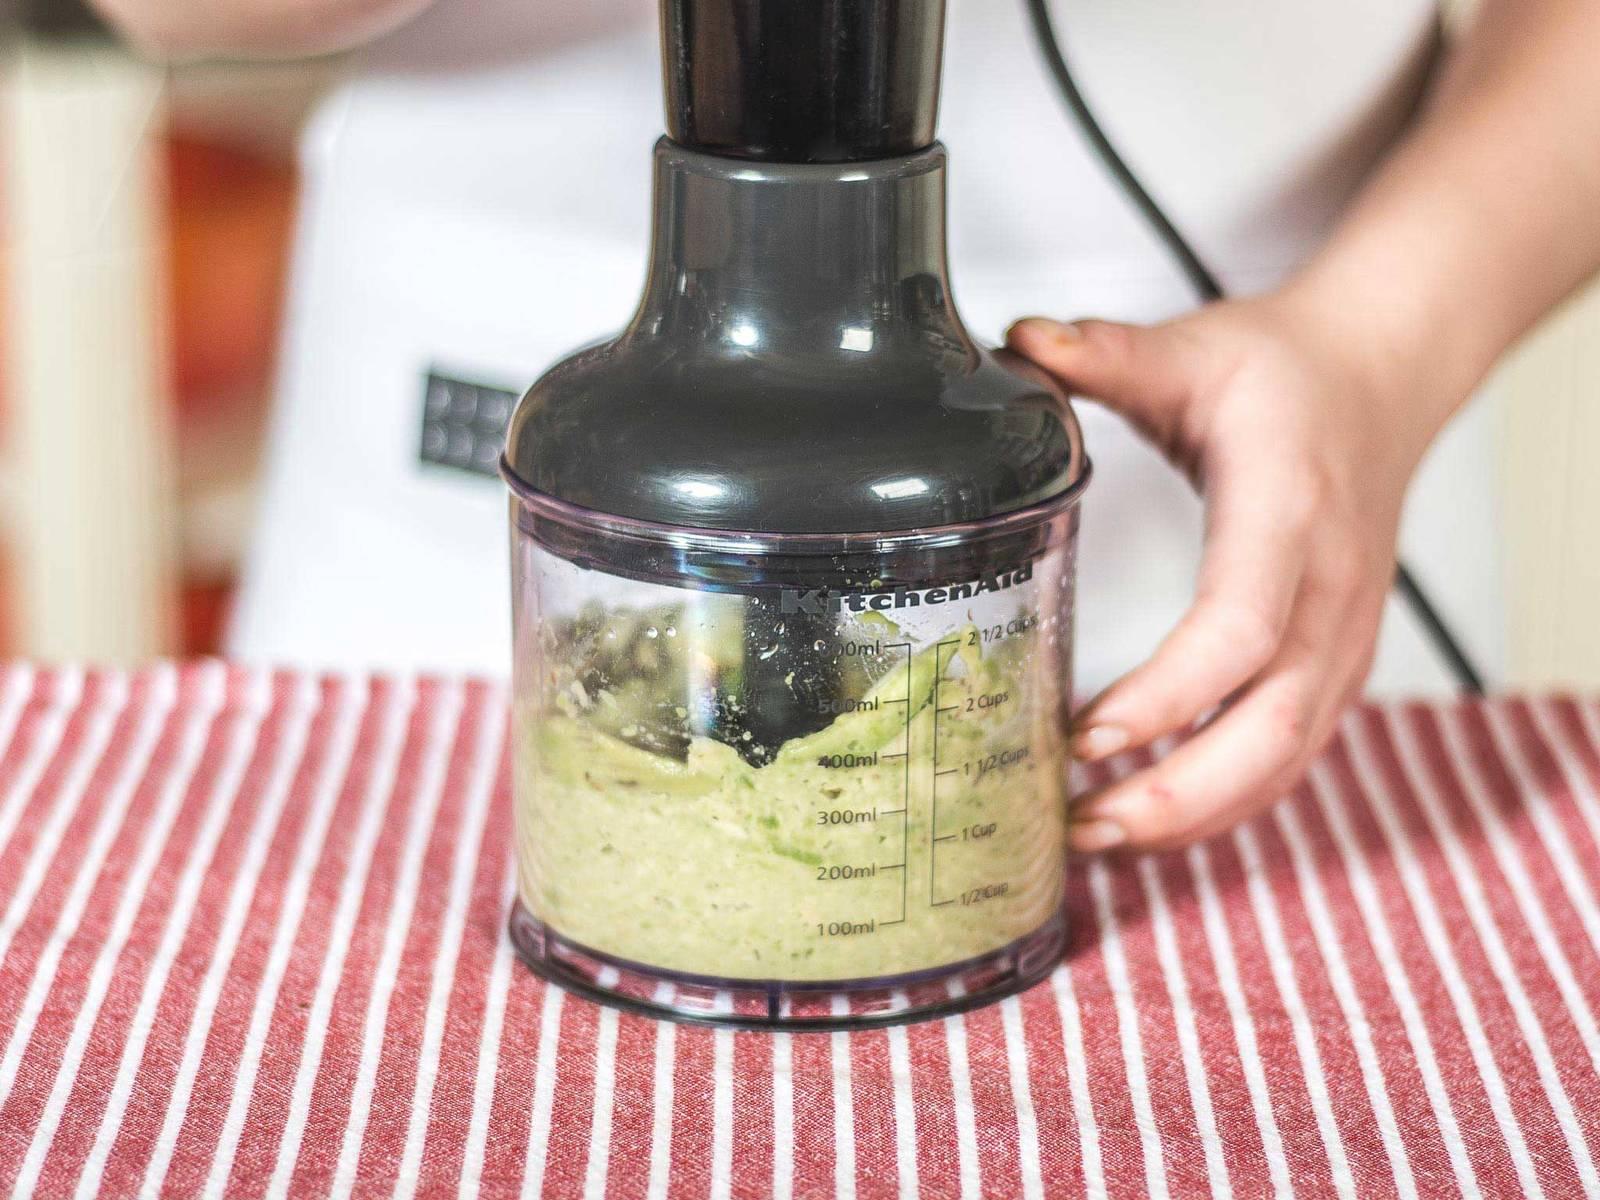 用食品加工机将鳄梨、柠檬汁、盐和胡椒打成泥。香菜切碎,拌入鳄梨混合料中。